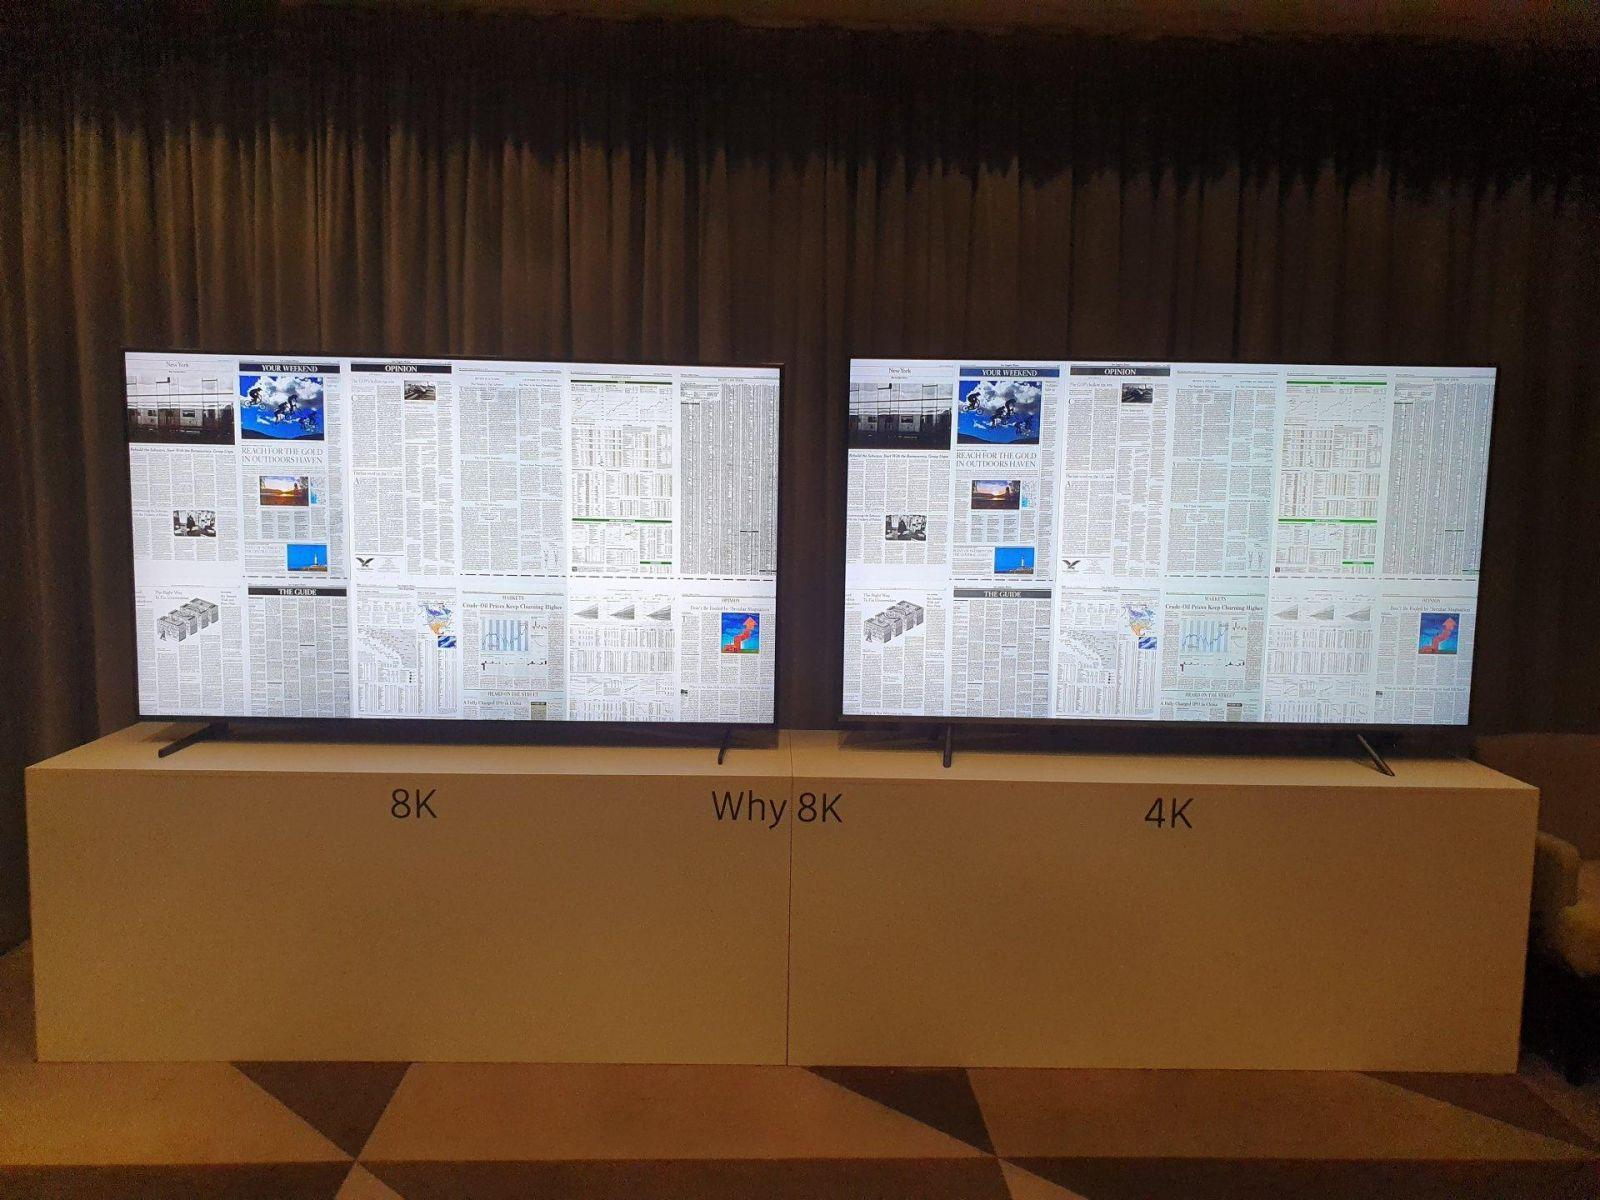 Samsung представила в России новые QLED телевизоры 4K и 8K с искусственным интеллектом (20190403 170439)